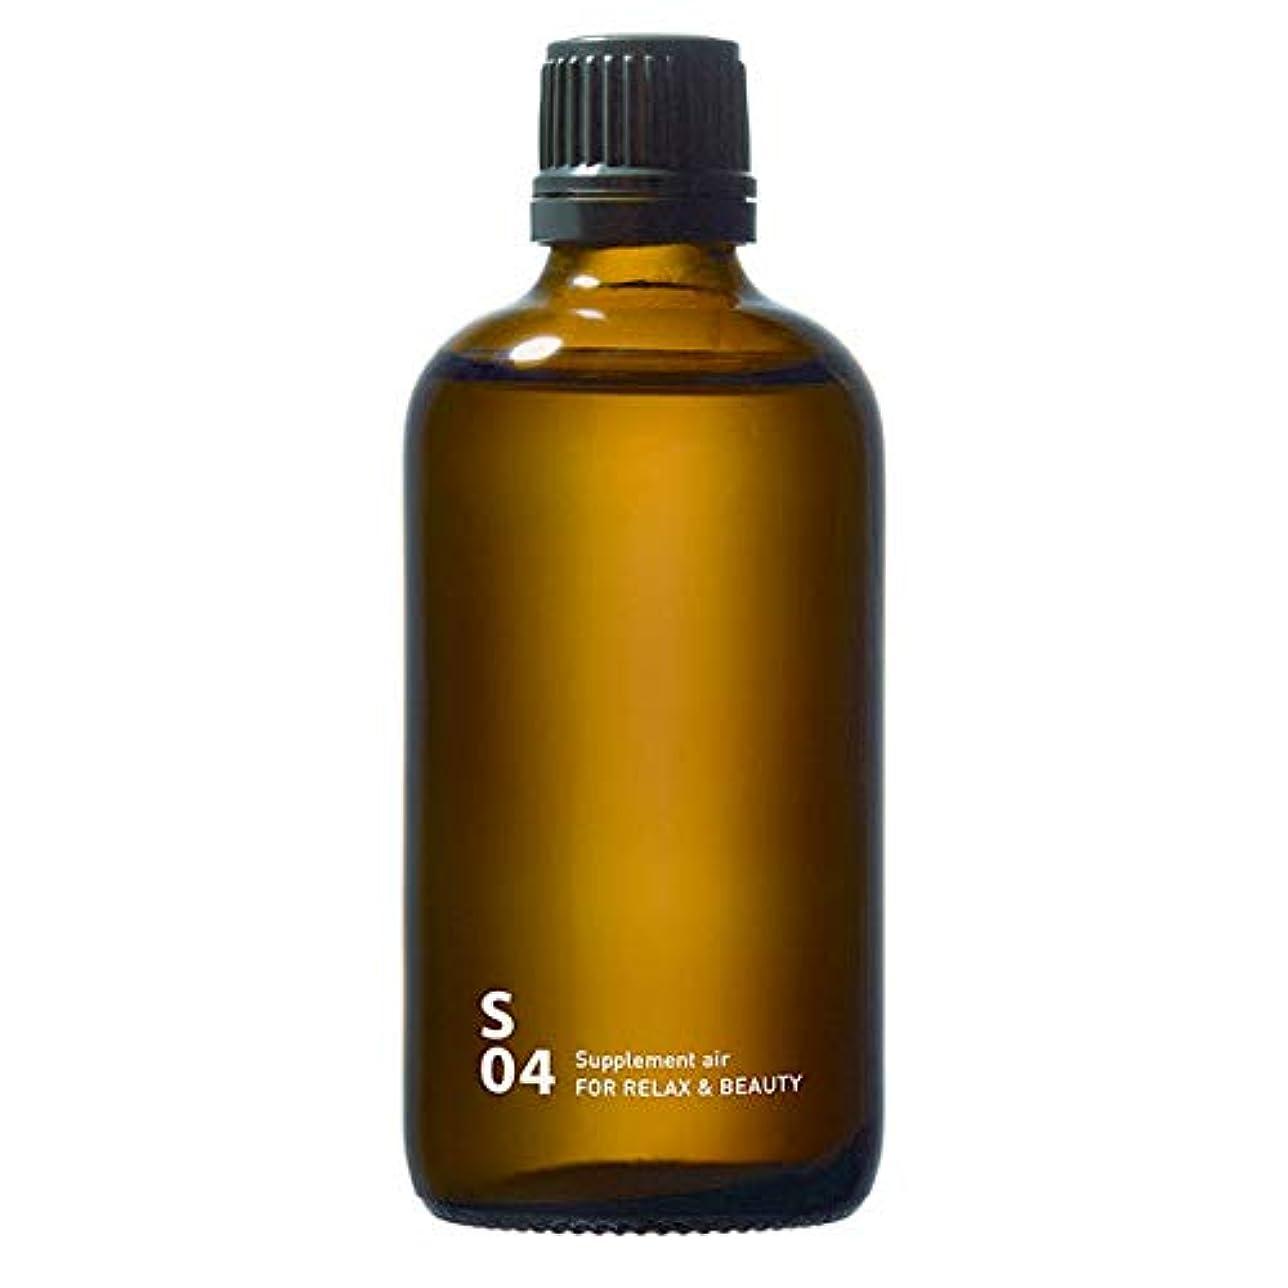 マイナー橋抵抗S04 FOR RELAX & BEAUTY piezo aroma oil 100ml